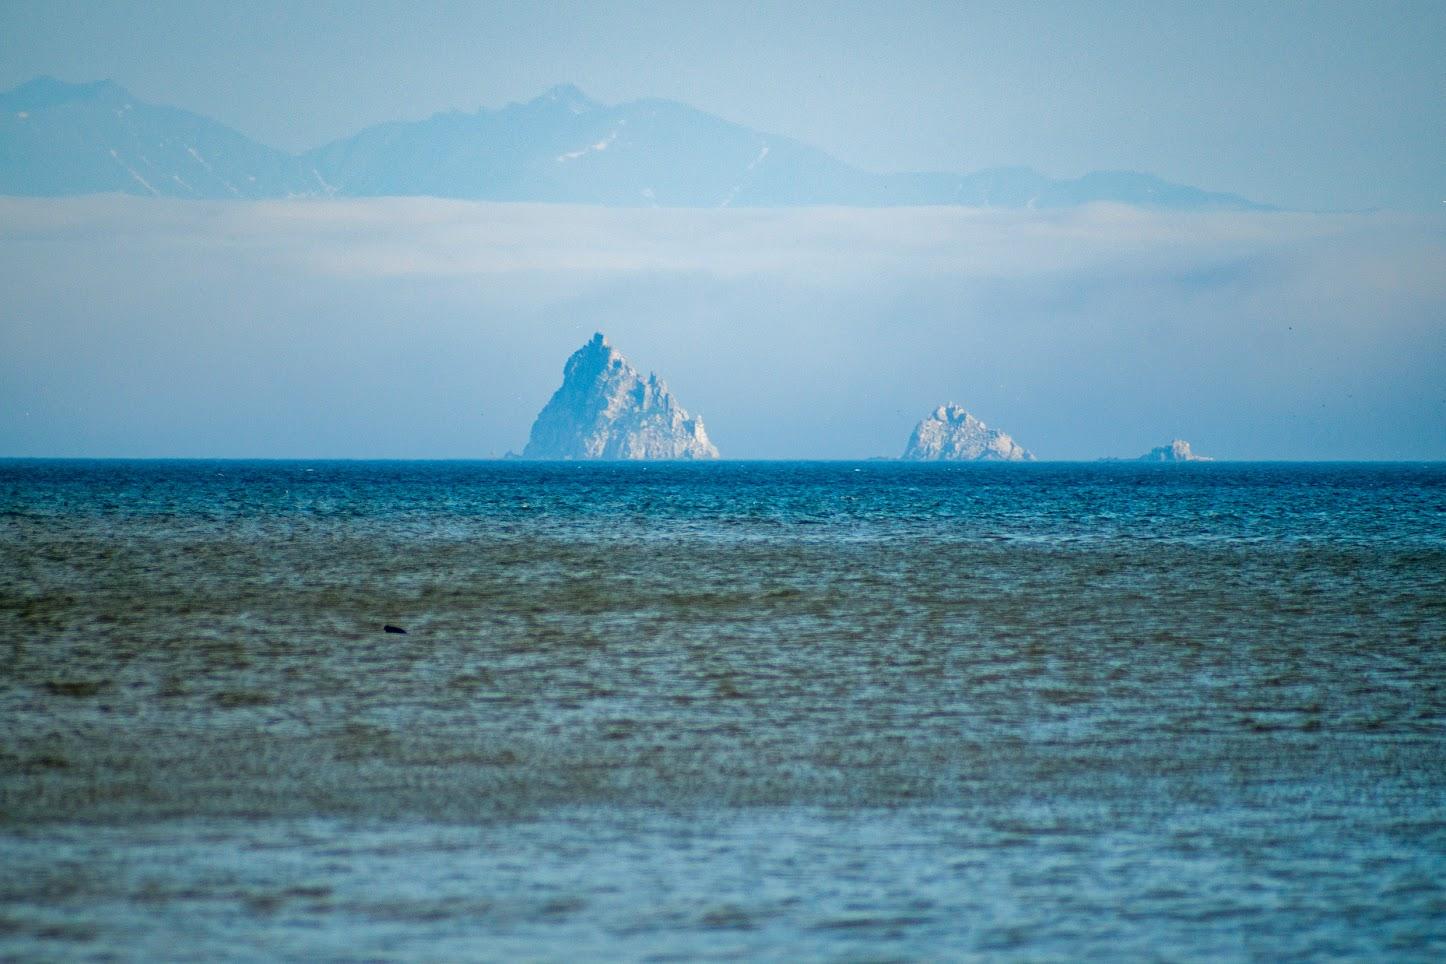 Покручены бегунки, ибо дымка... зато полуостров Кони стал виден на заднем фоне